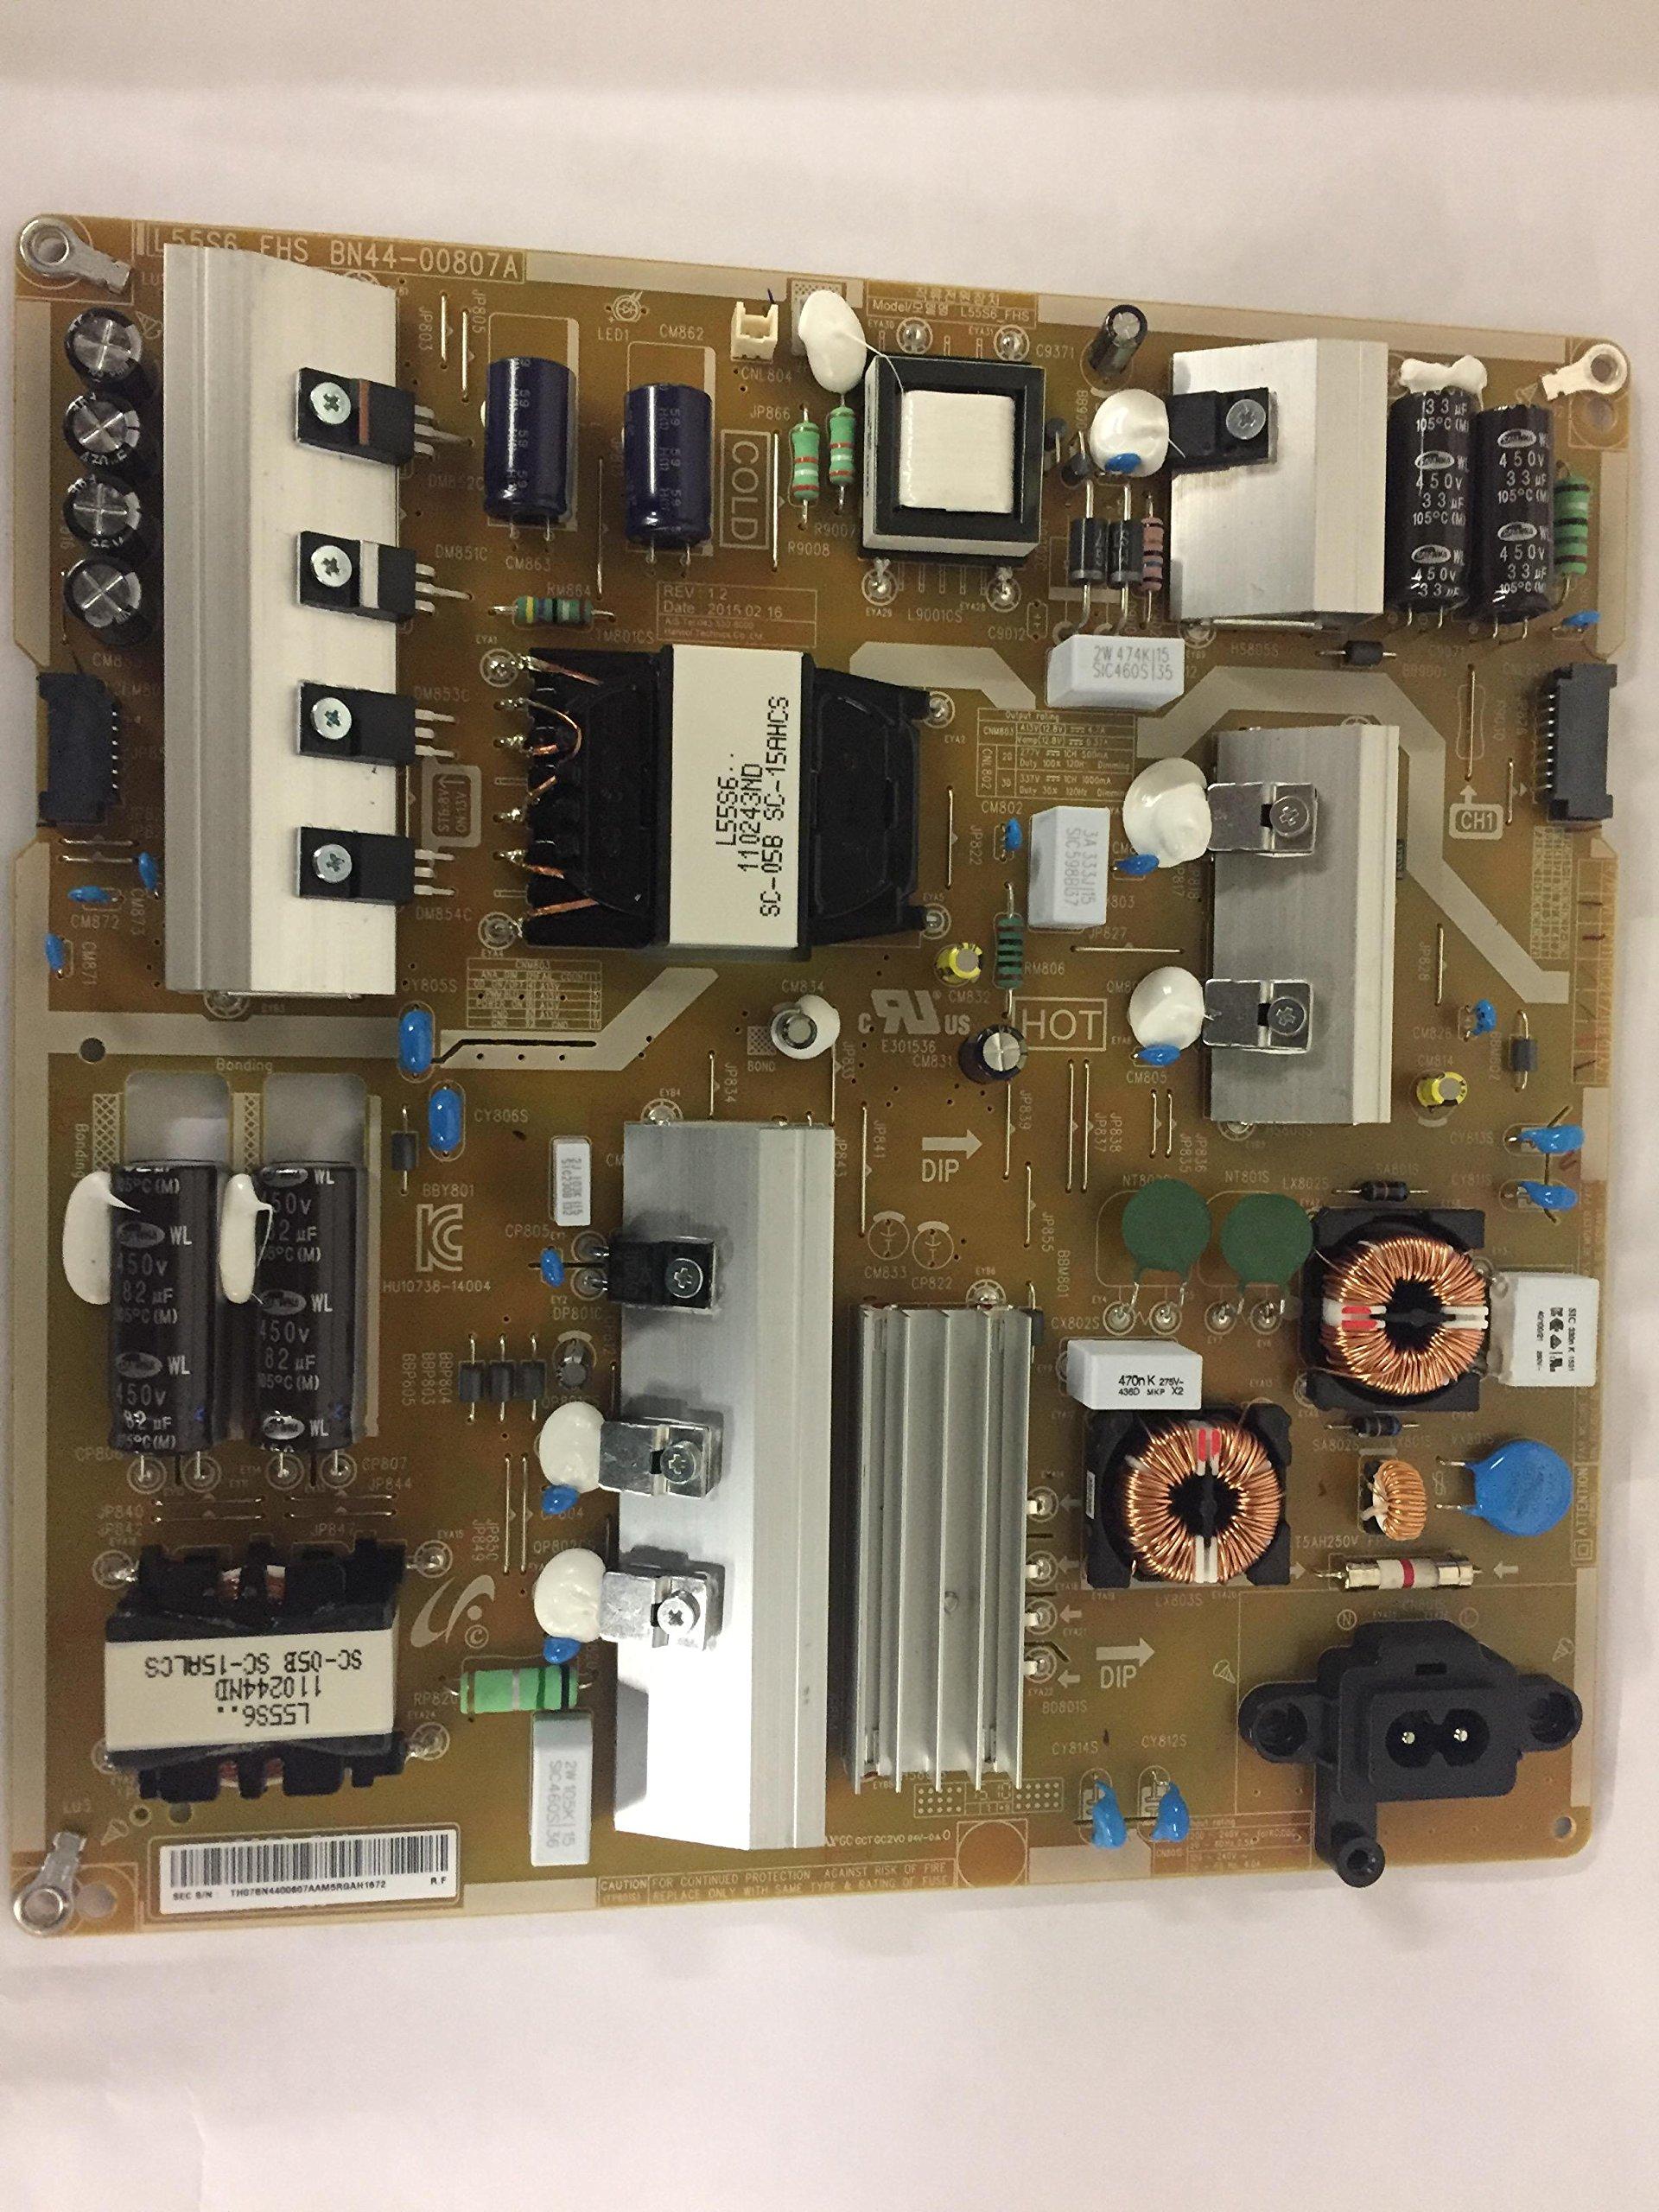 Samsung televisor Led un50ju6401 F l55s6 _ FHS Fuente de alimentación, BN44 – 00807 A: Amazon.es: Electrónica